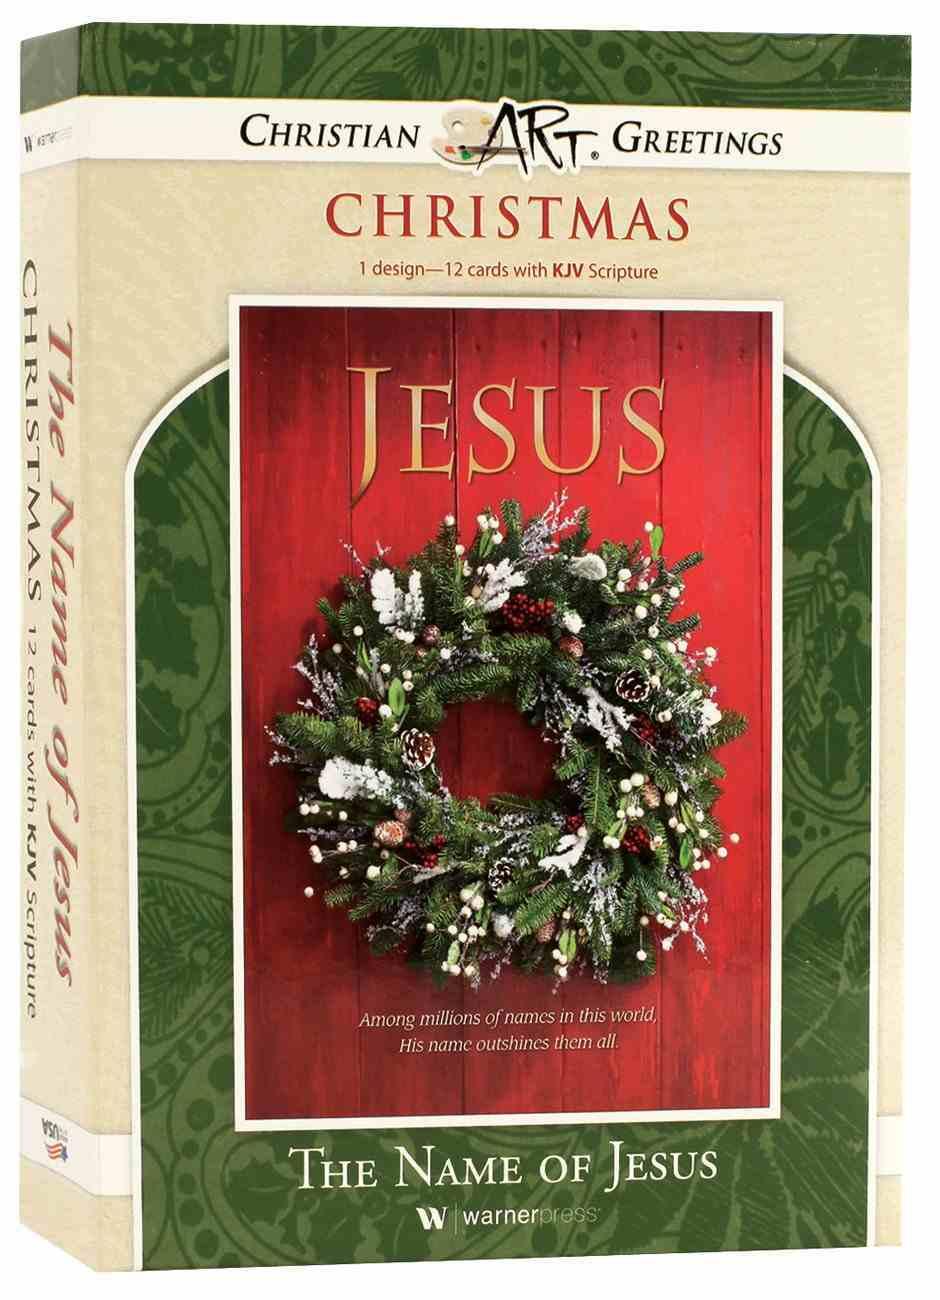 Christmas Boxed Cards: The Name of Jesus, Green Wreath (Matt 1:21 Kjv) Box